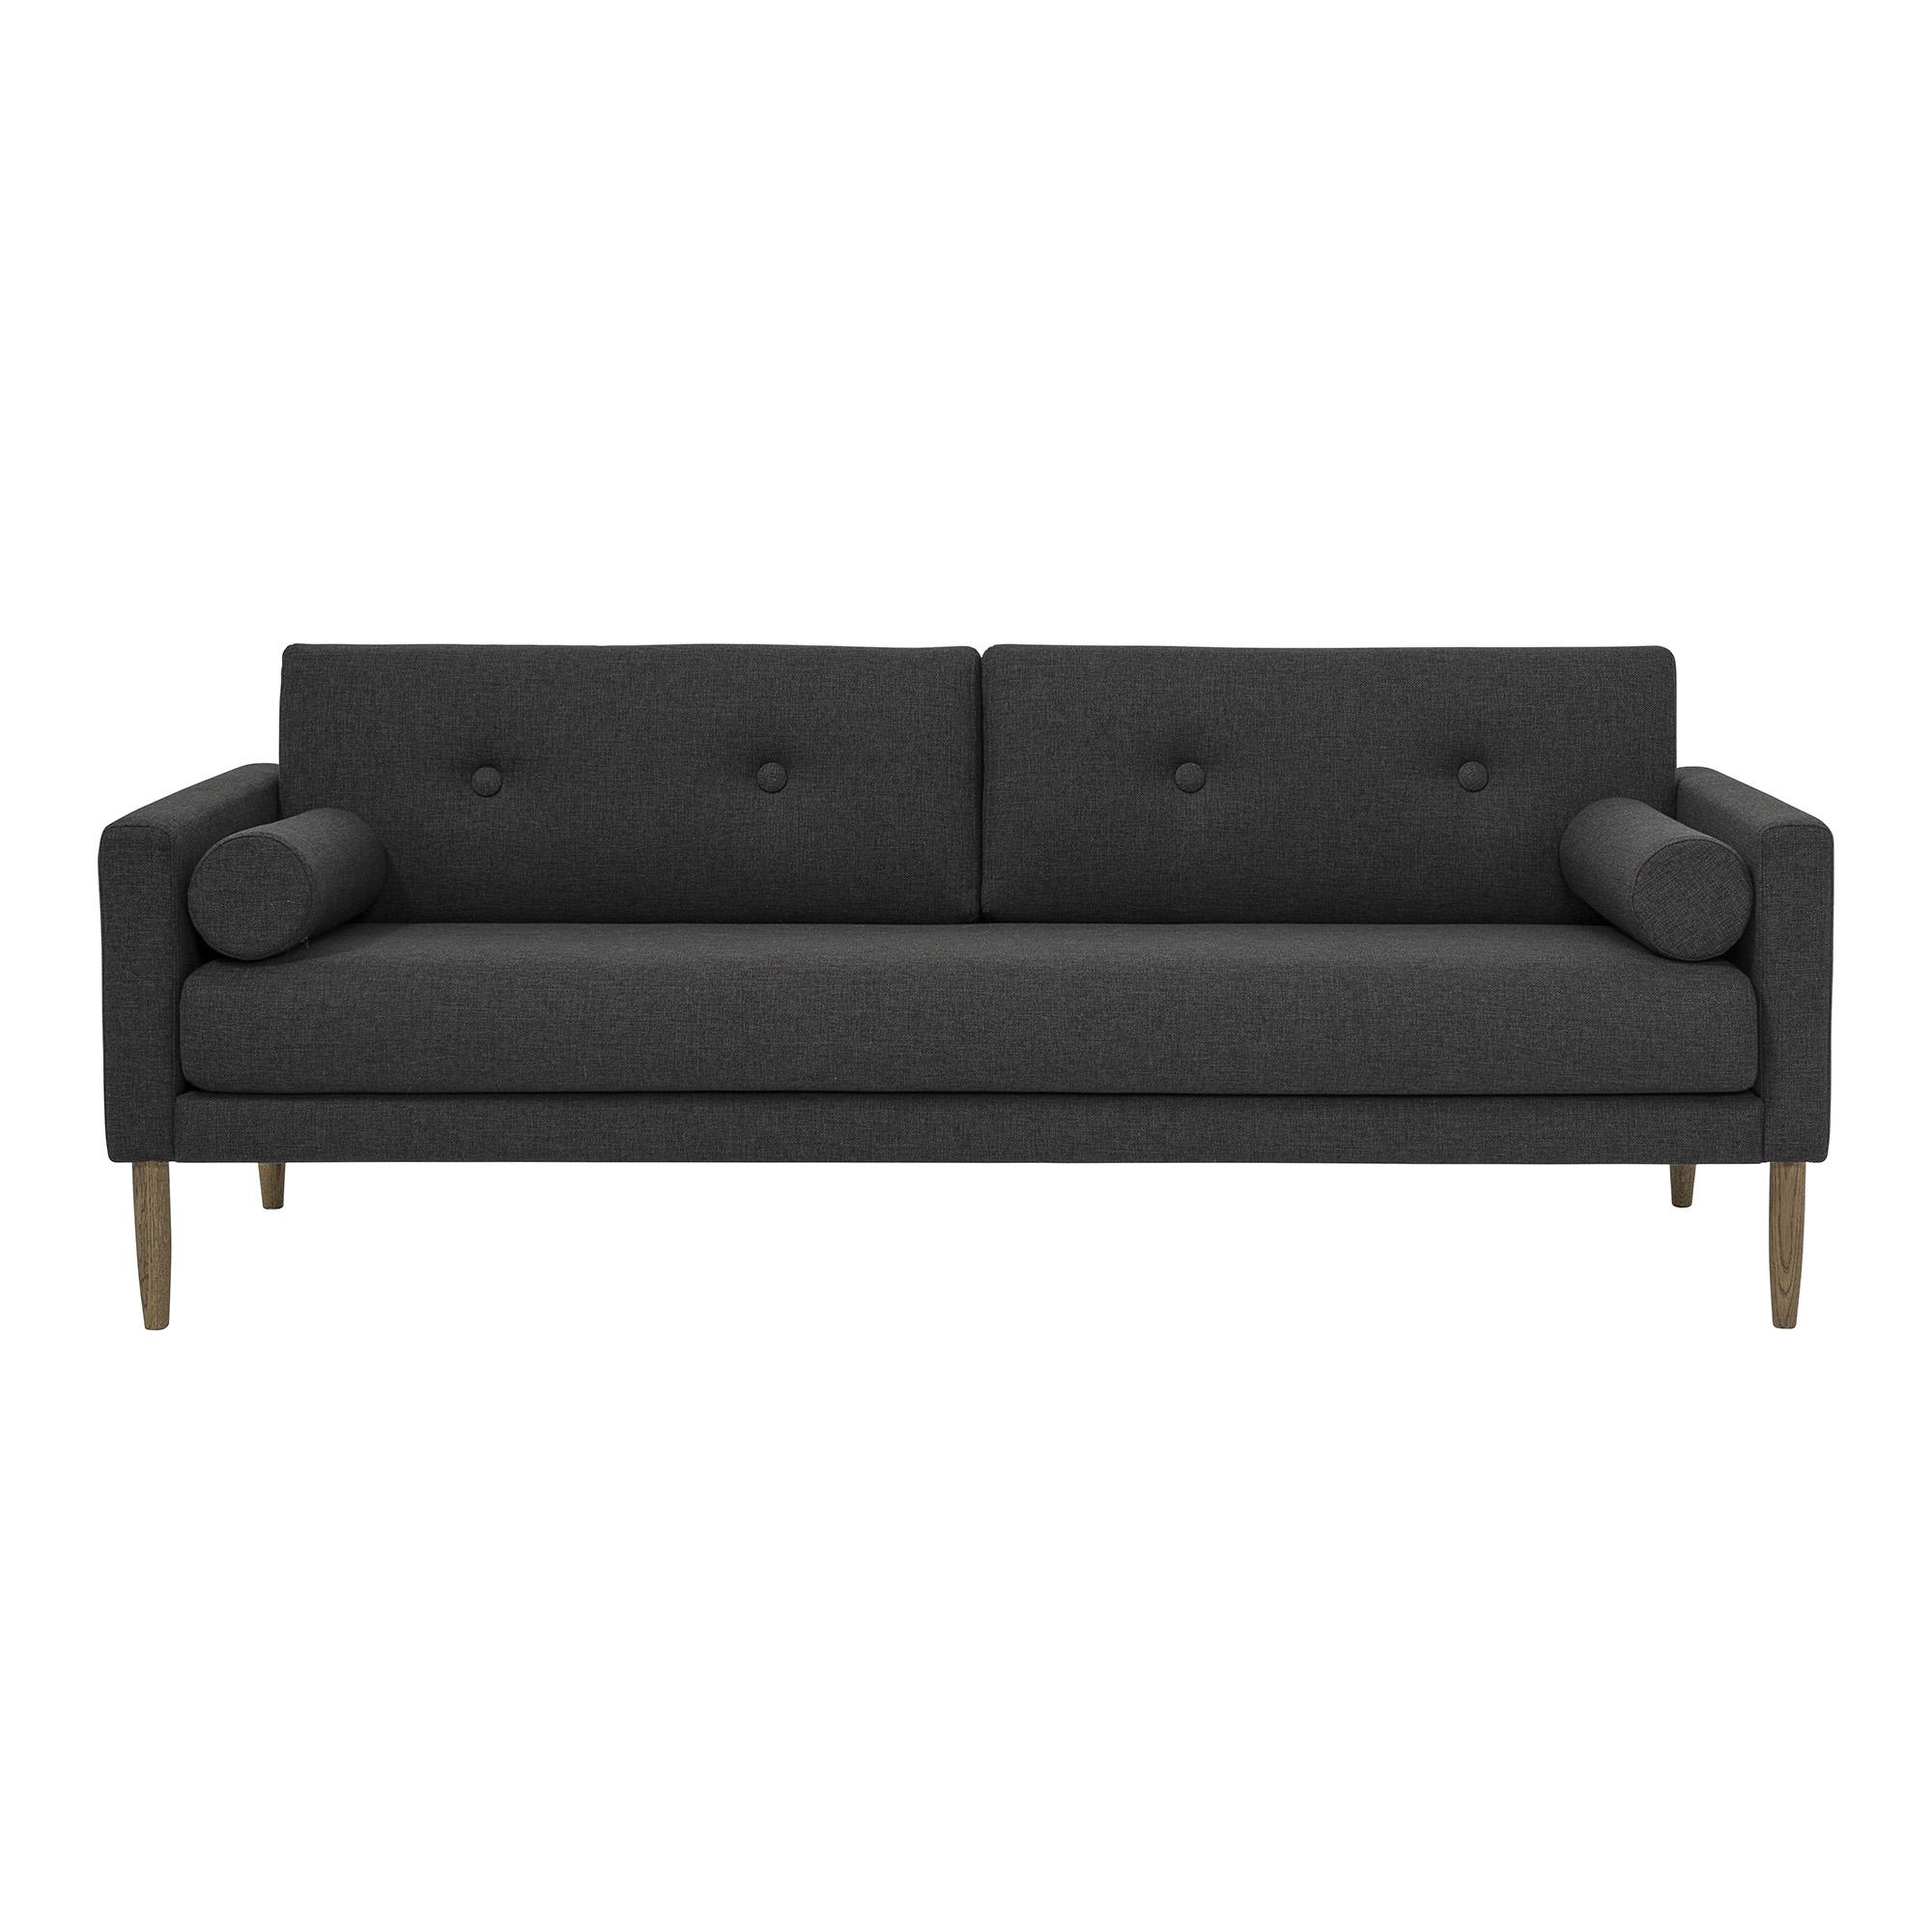 Диван CalmДвухместные диваны<br>Прямые линии и простая форма - выигрышный дизайн дивана CALM.<br><br>Material: Текстиль<br>Ширина см: 202.0<br>Высота см: 78.0<br>Глубина см: 82.0